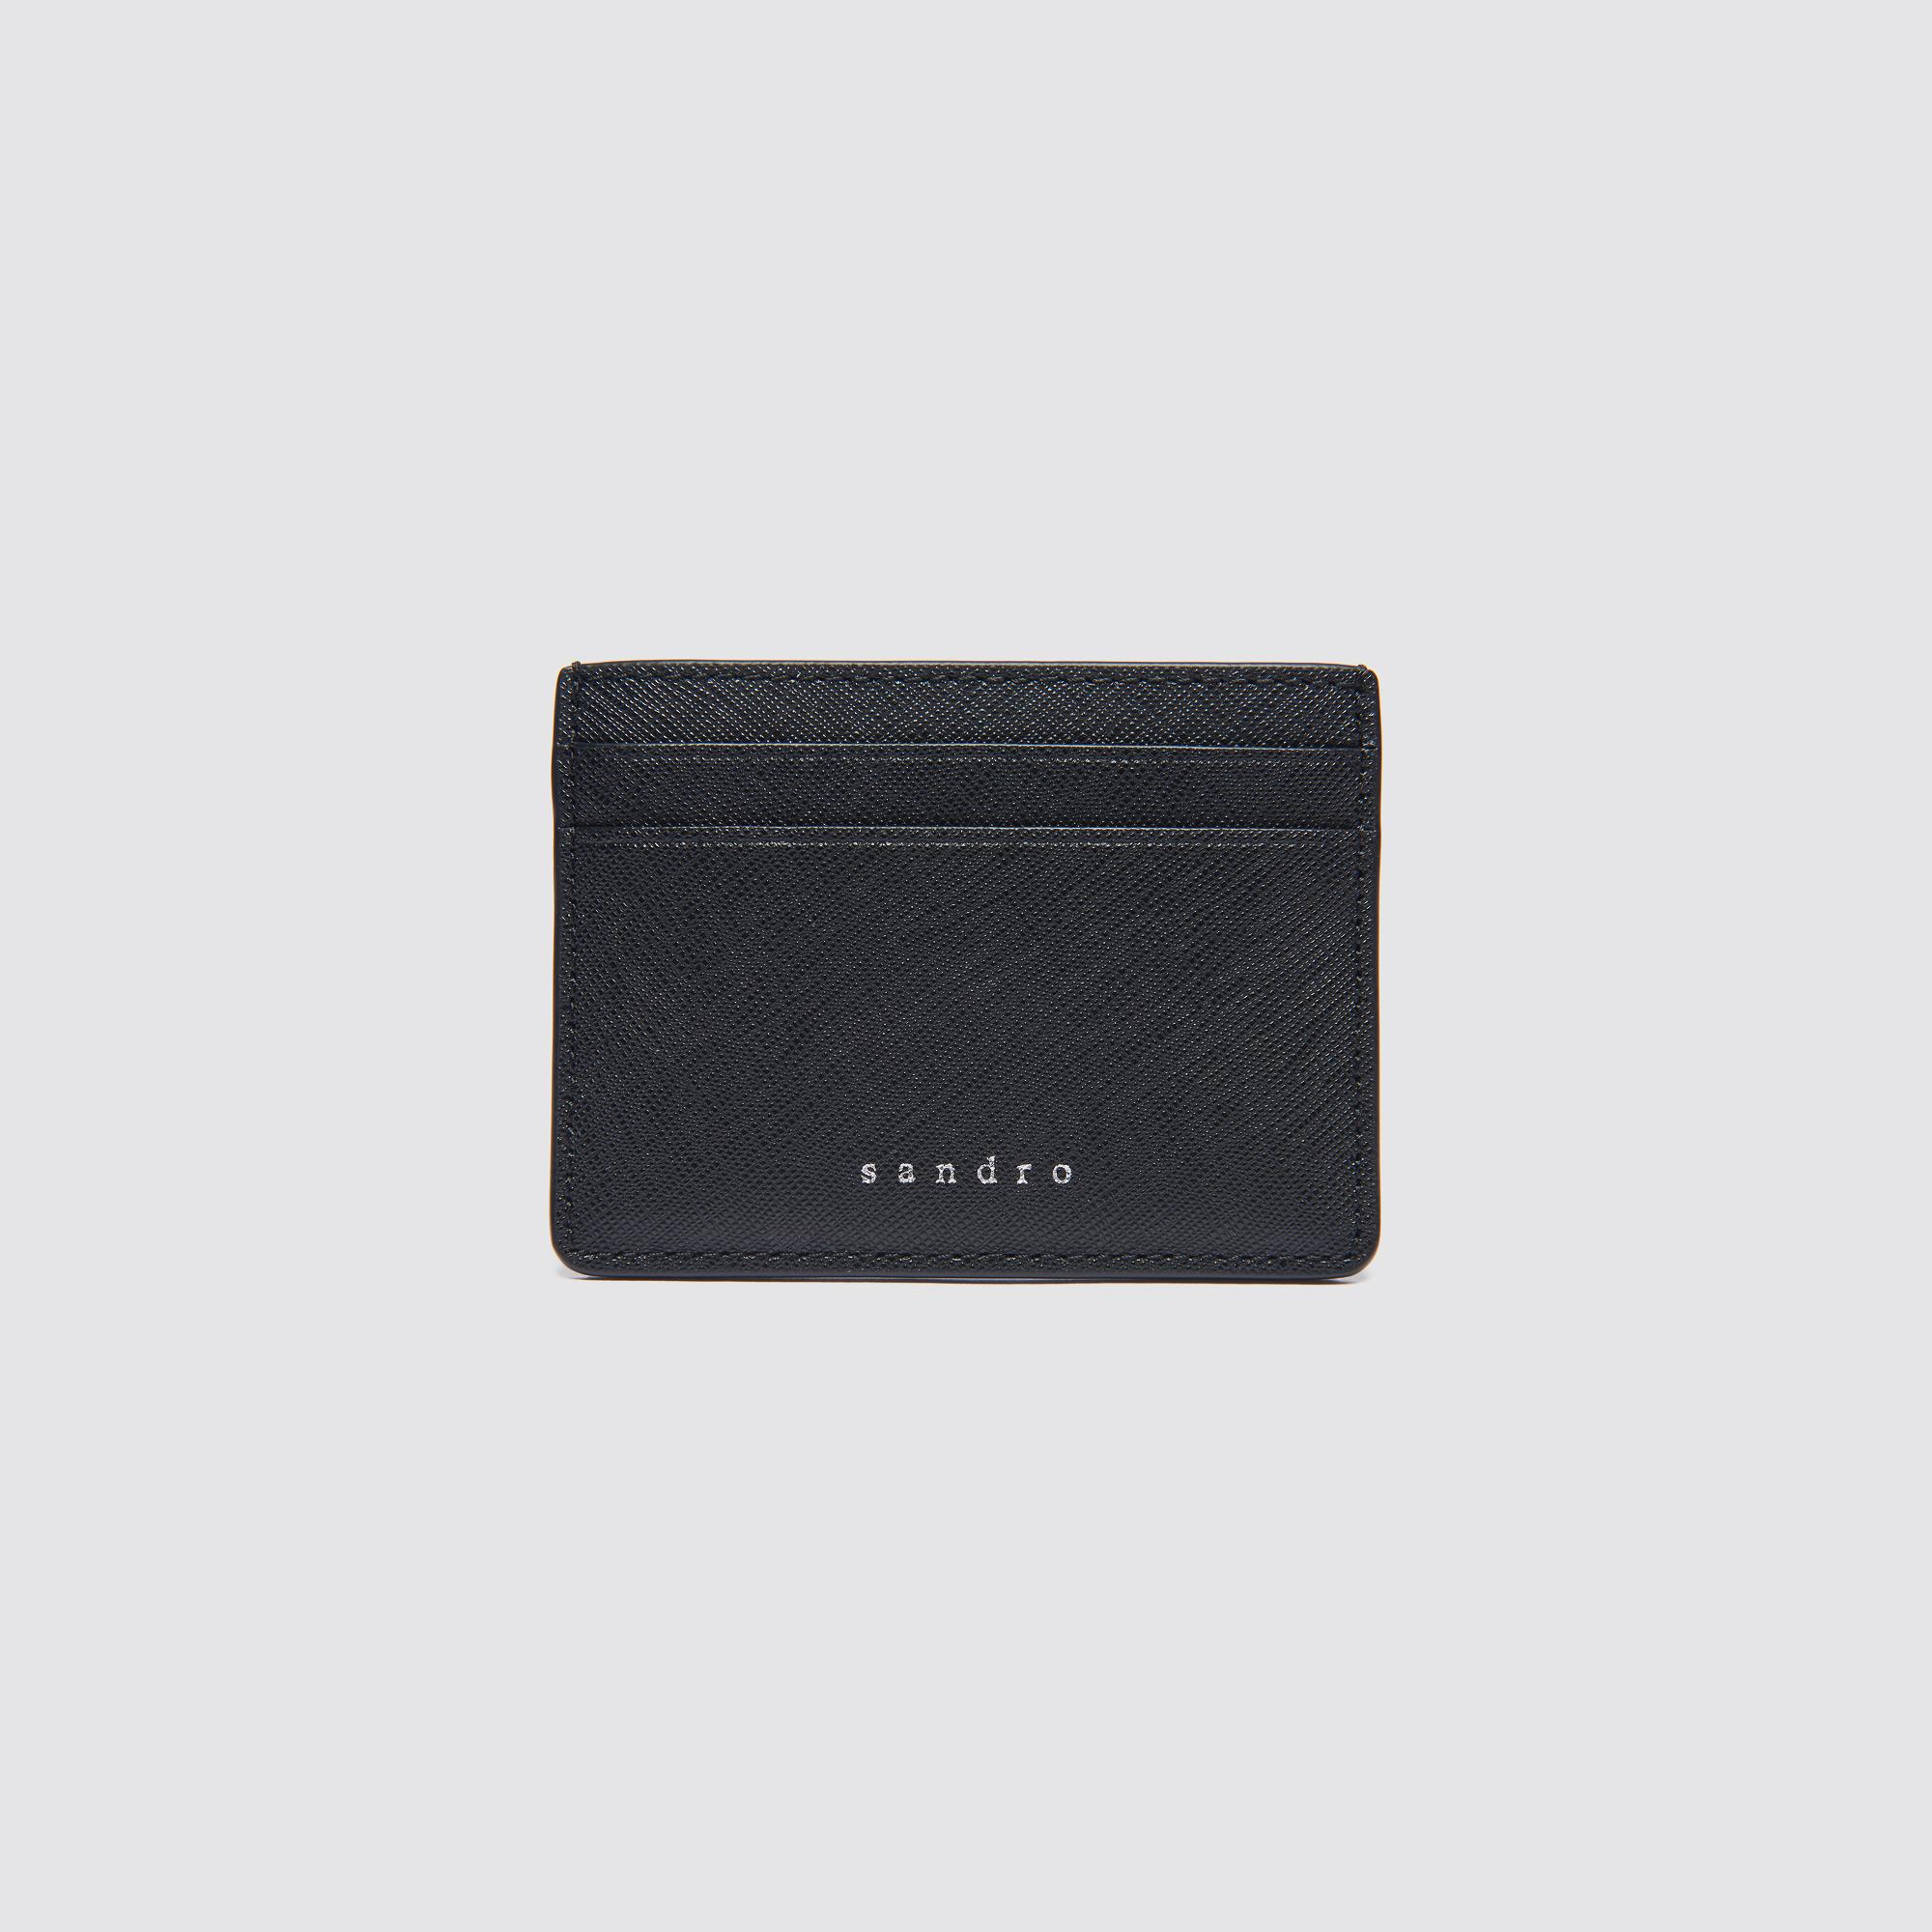 holder - Leather Card Holder Wallet